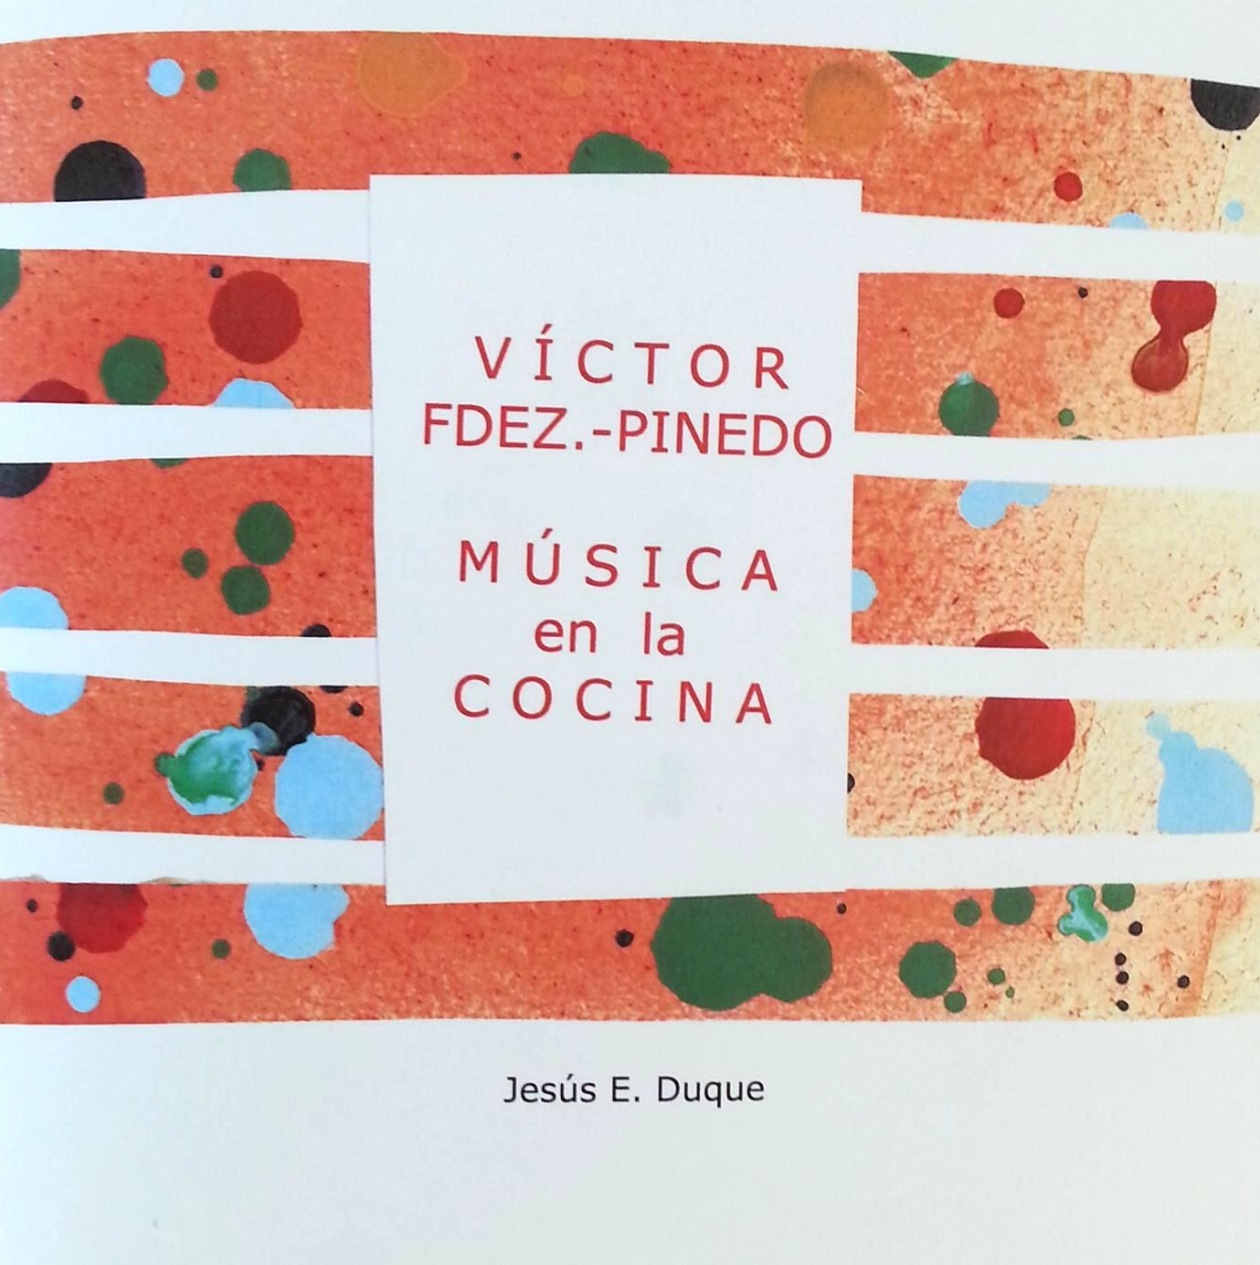 musicacocina